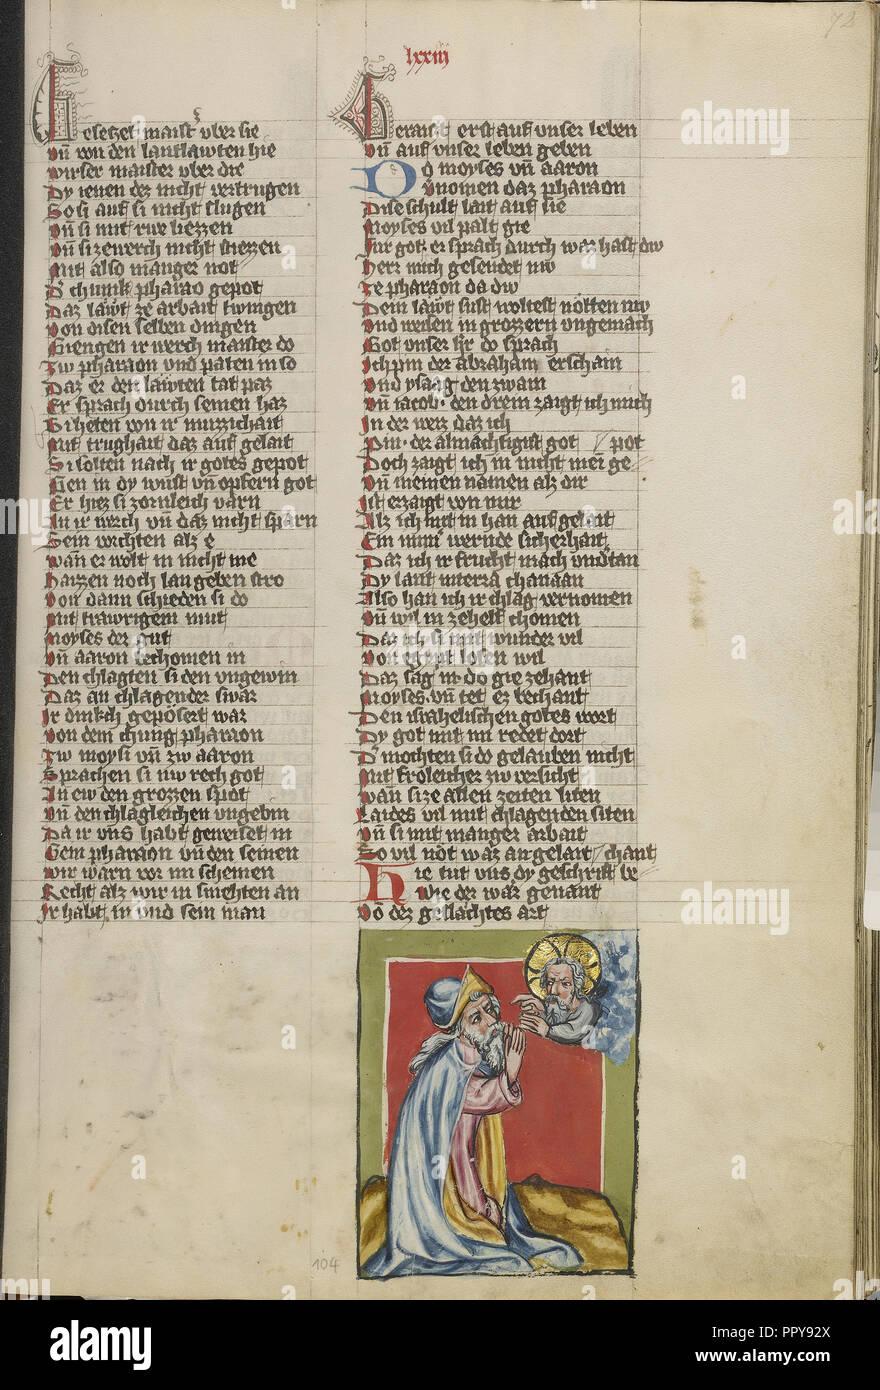 Dieu parlant à Moïse; Regensburg, Bavière, Allemagne; 1400 - 1410; température de couleurs, or, argent, peinture et encre sur parchemin Photo Stock